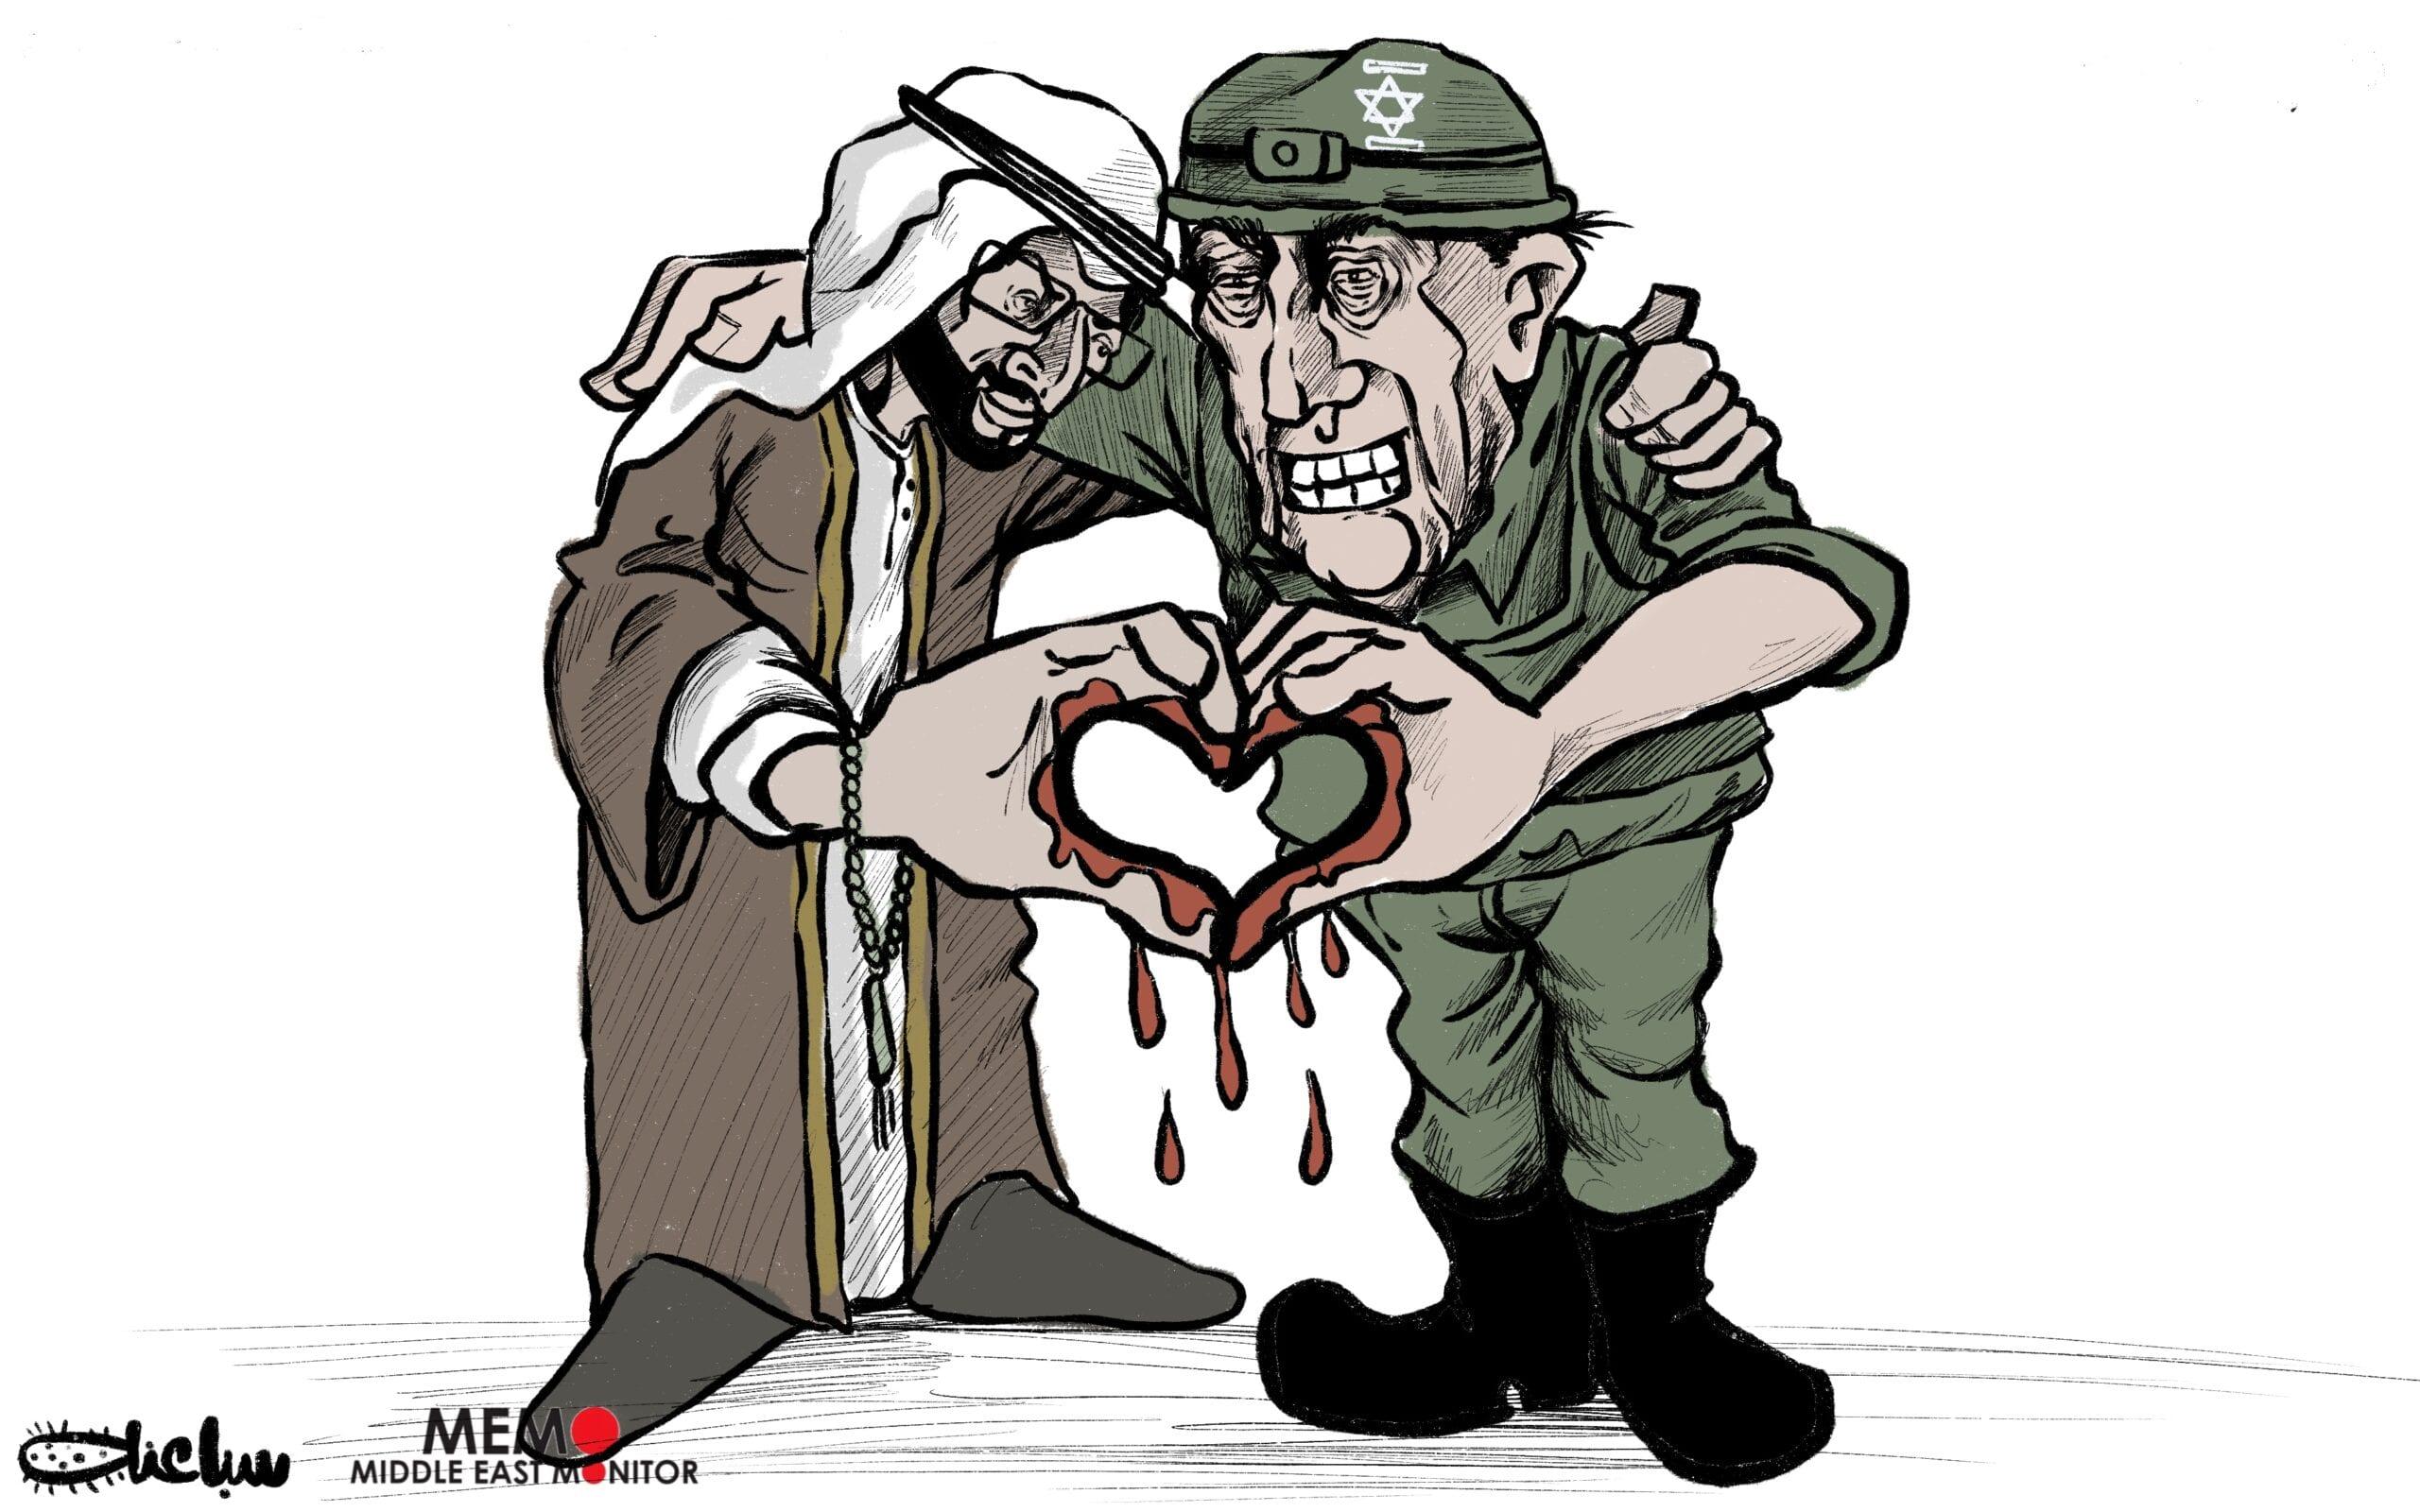 The UAE normalise ties with Israel - Cartoon [Sabaaneh/MiddleEastMonitor]